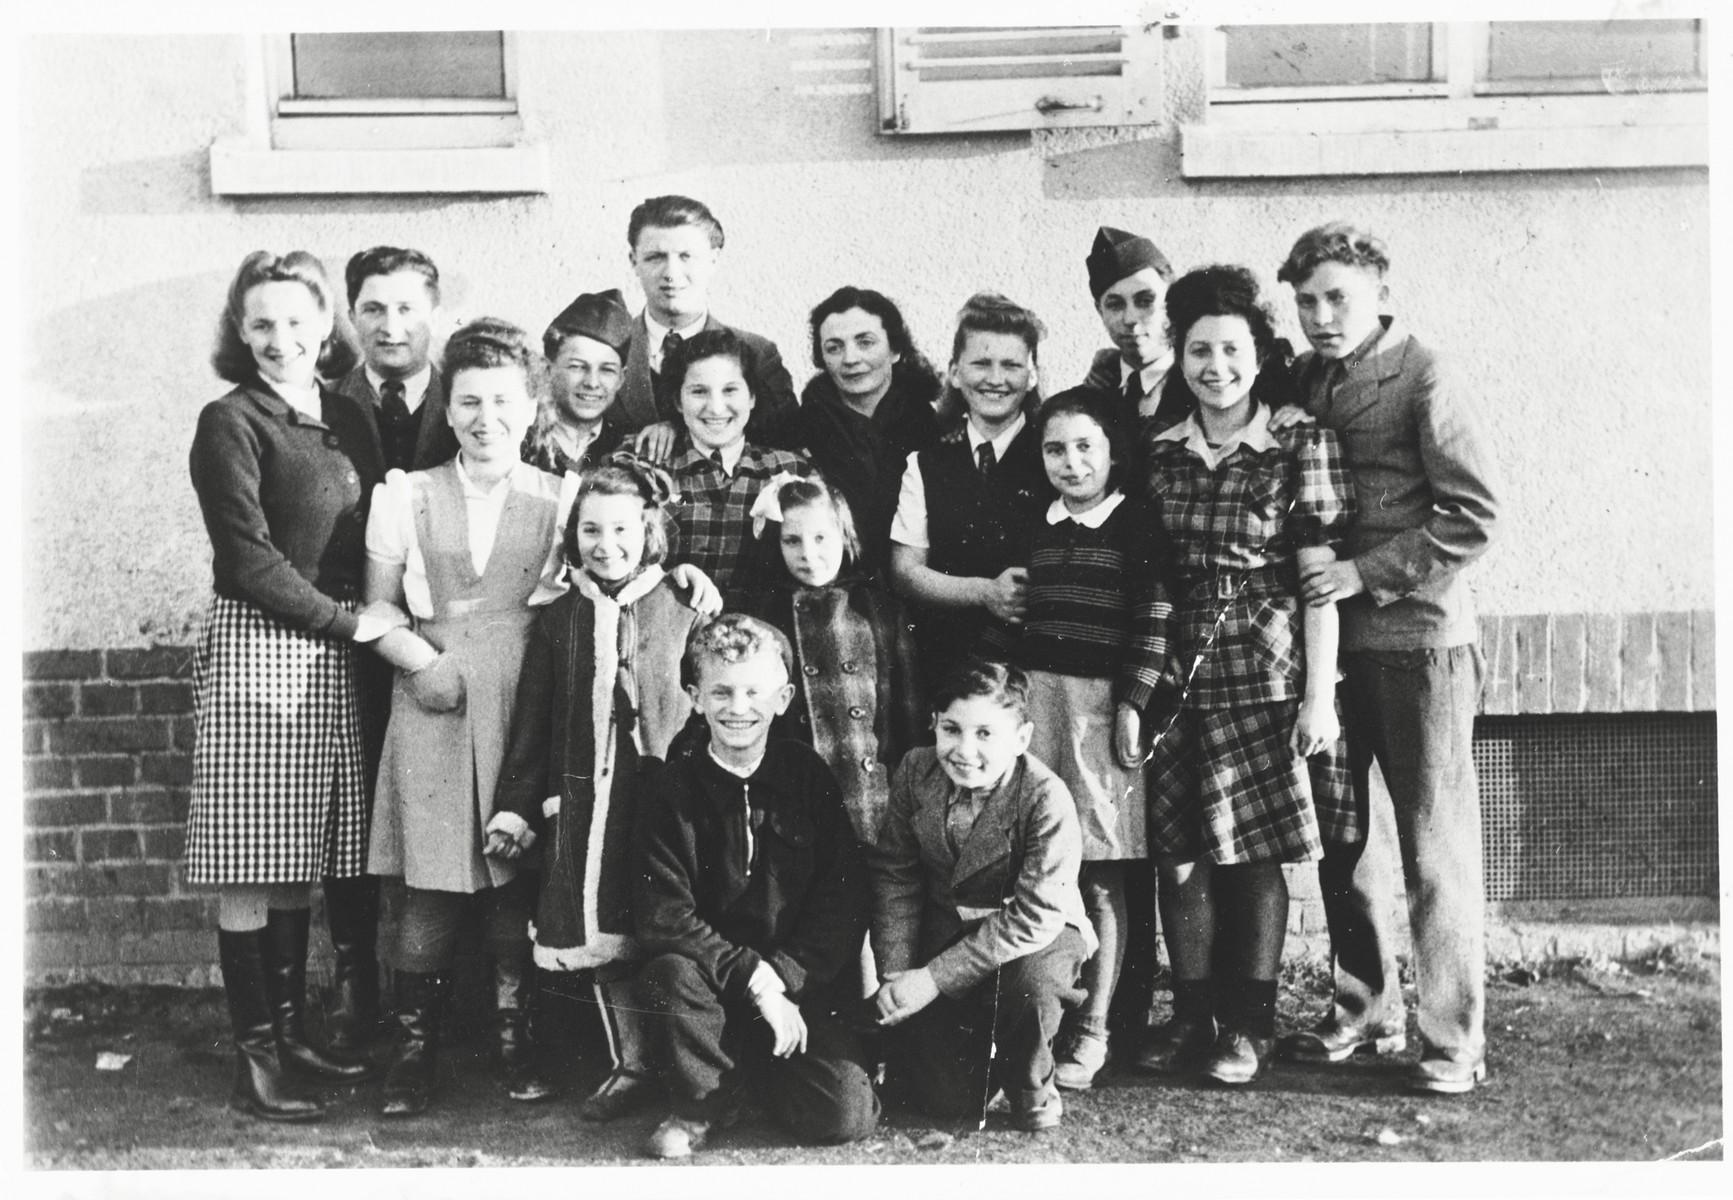 Group portrait of children in the Zeilsheim children's center.  Szlomo Waks is pictured kneeling in the front row, left.